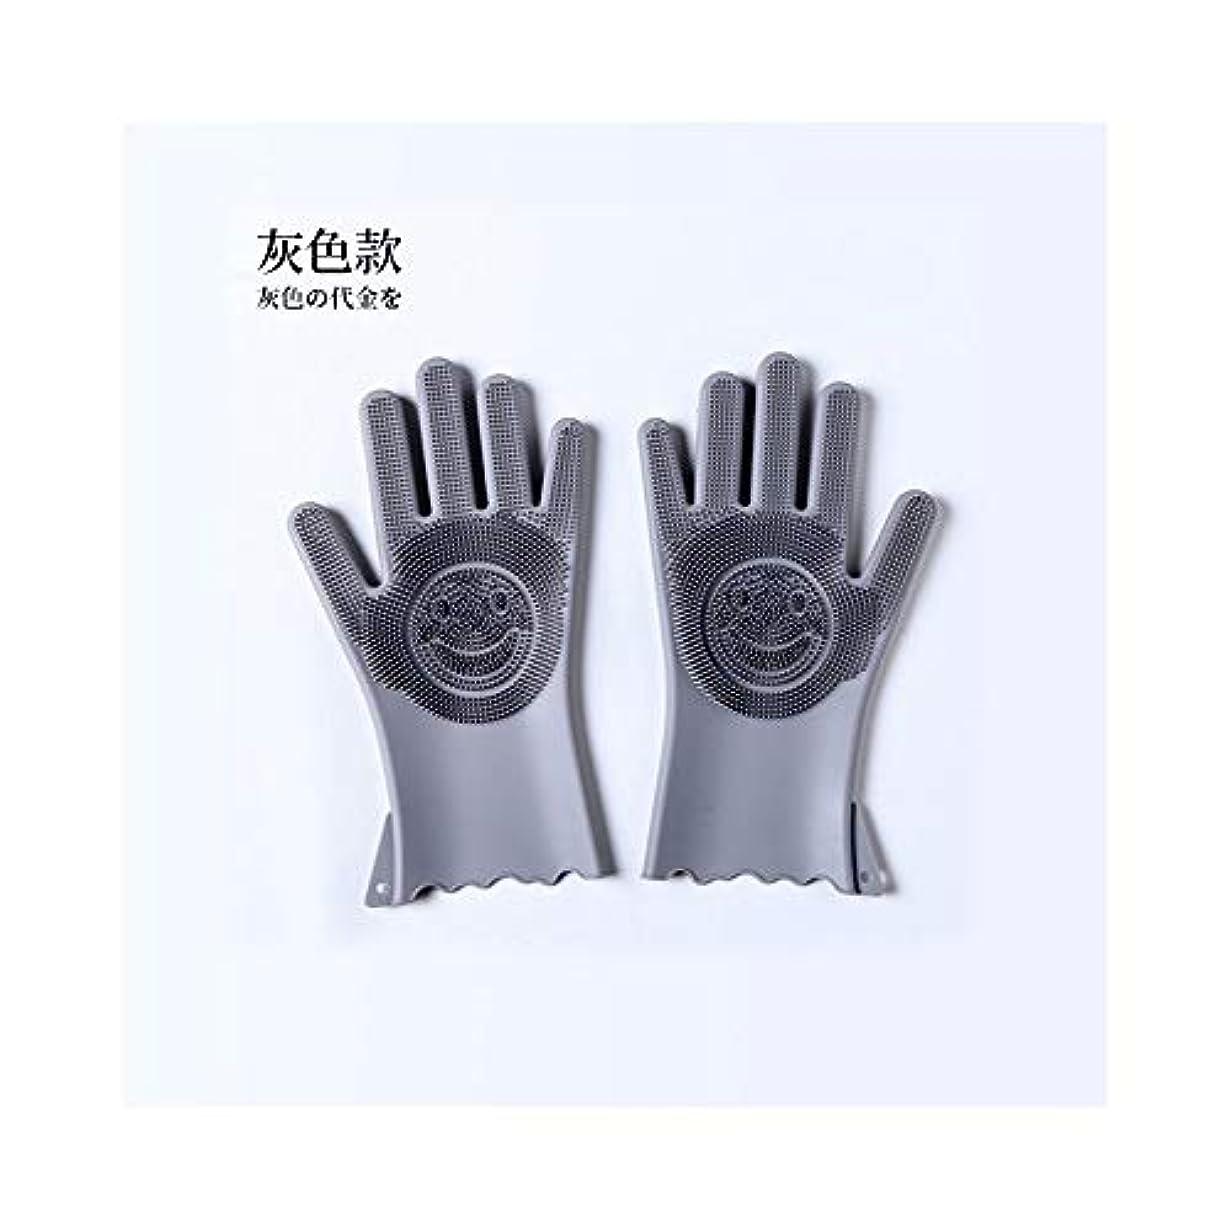 パシフィック許されるアルコールBTXXYJP キッチン用手袋 手袋 食器洗い 作業 泡立ち 食器洗い 炊事 掃除 園芸 洗車 防水 手袋 (Color : Gray, Size : M)